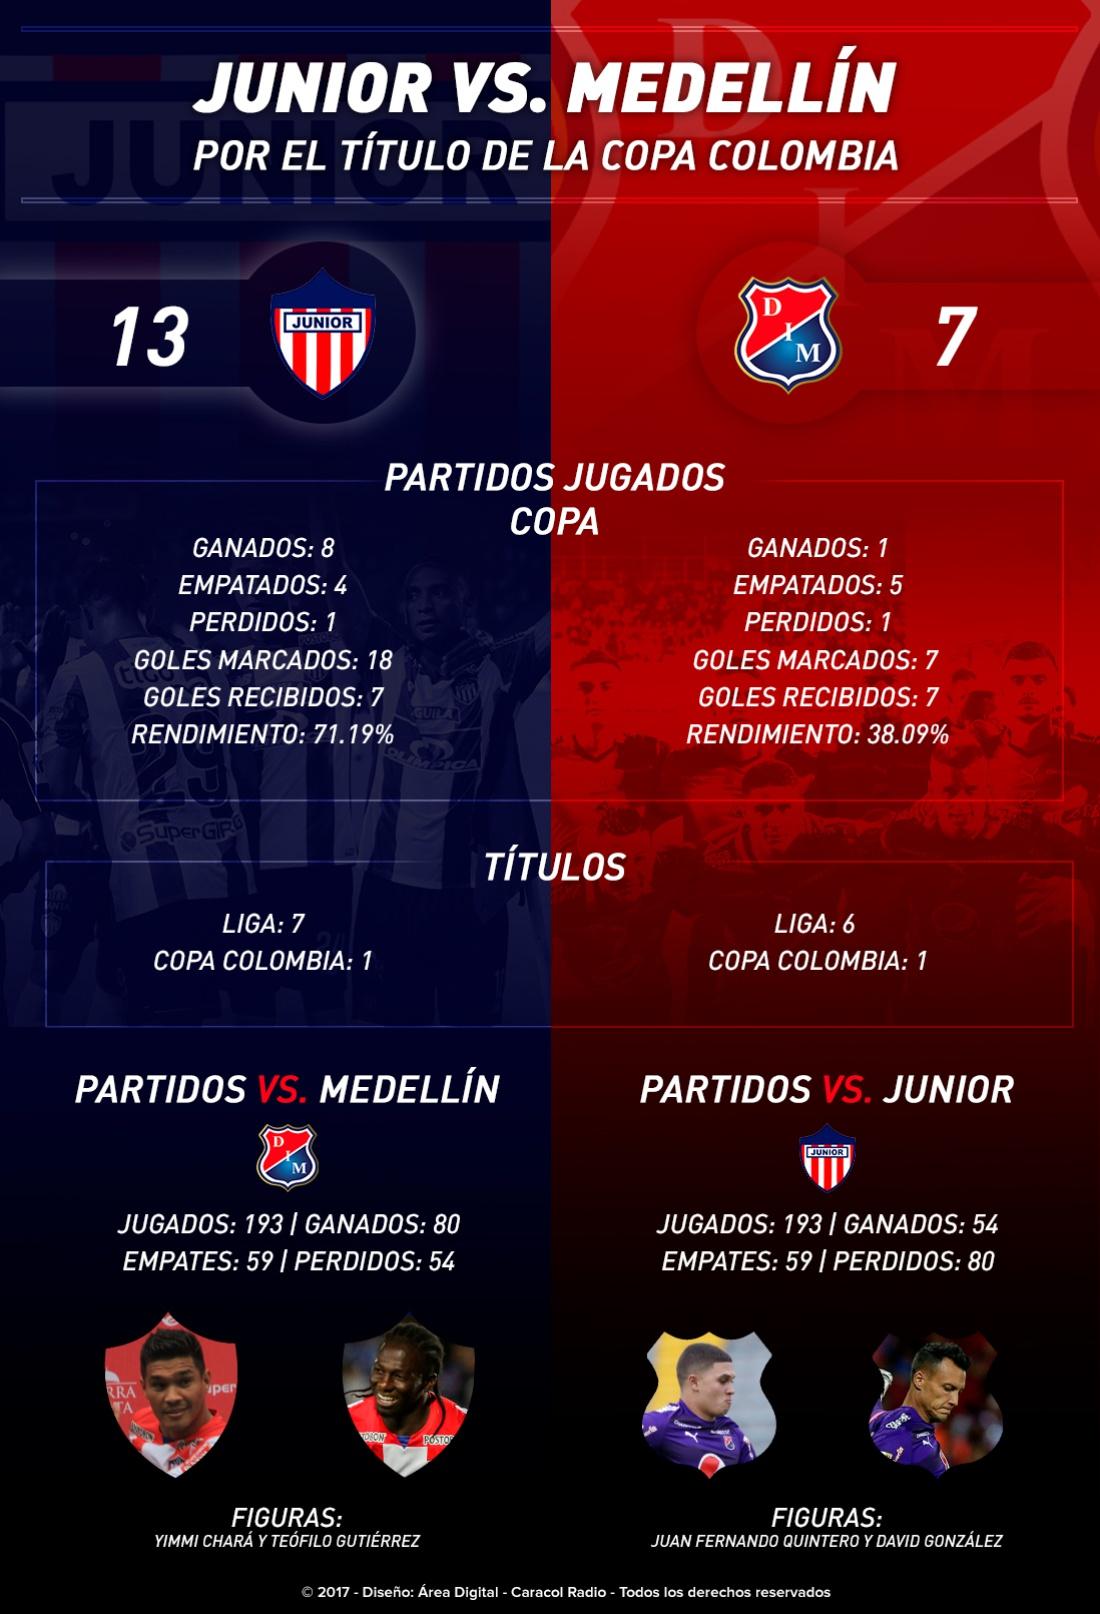 Junior Vs. Medellín cara a cara fútbol colombiano: Junior Vs. Medellín, cara a cara por un nuevo título del fútbol colombiano